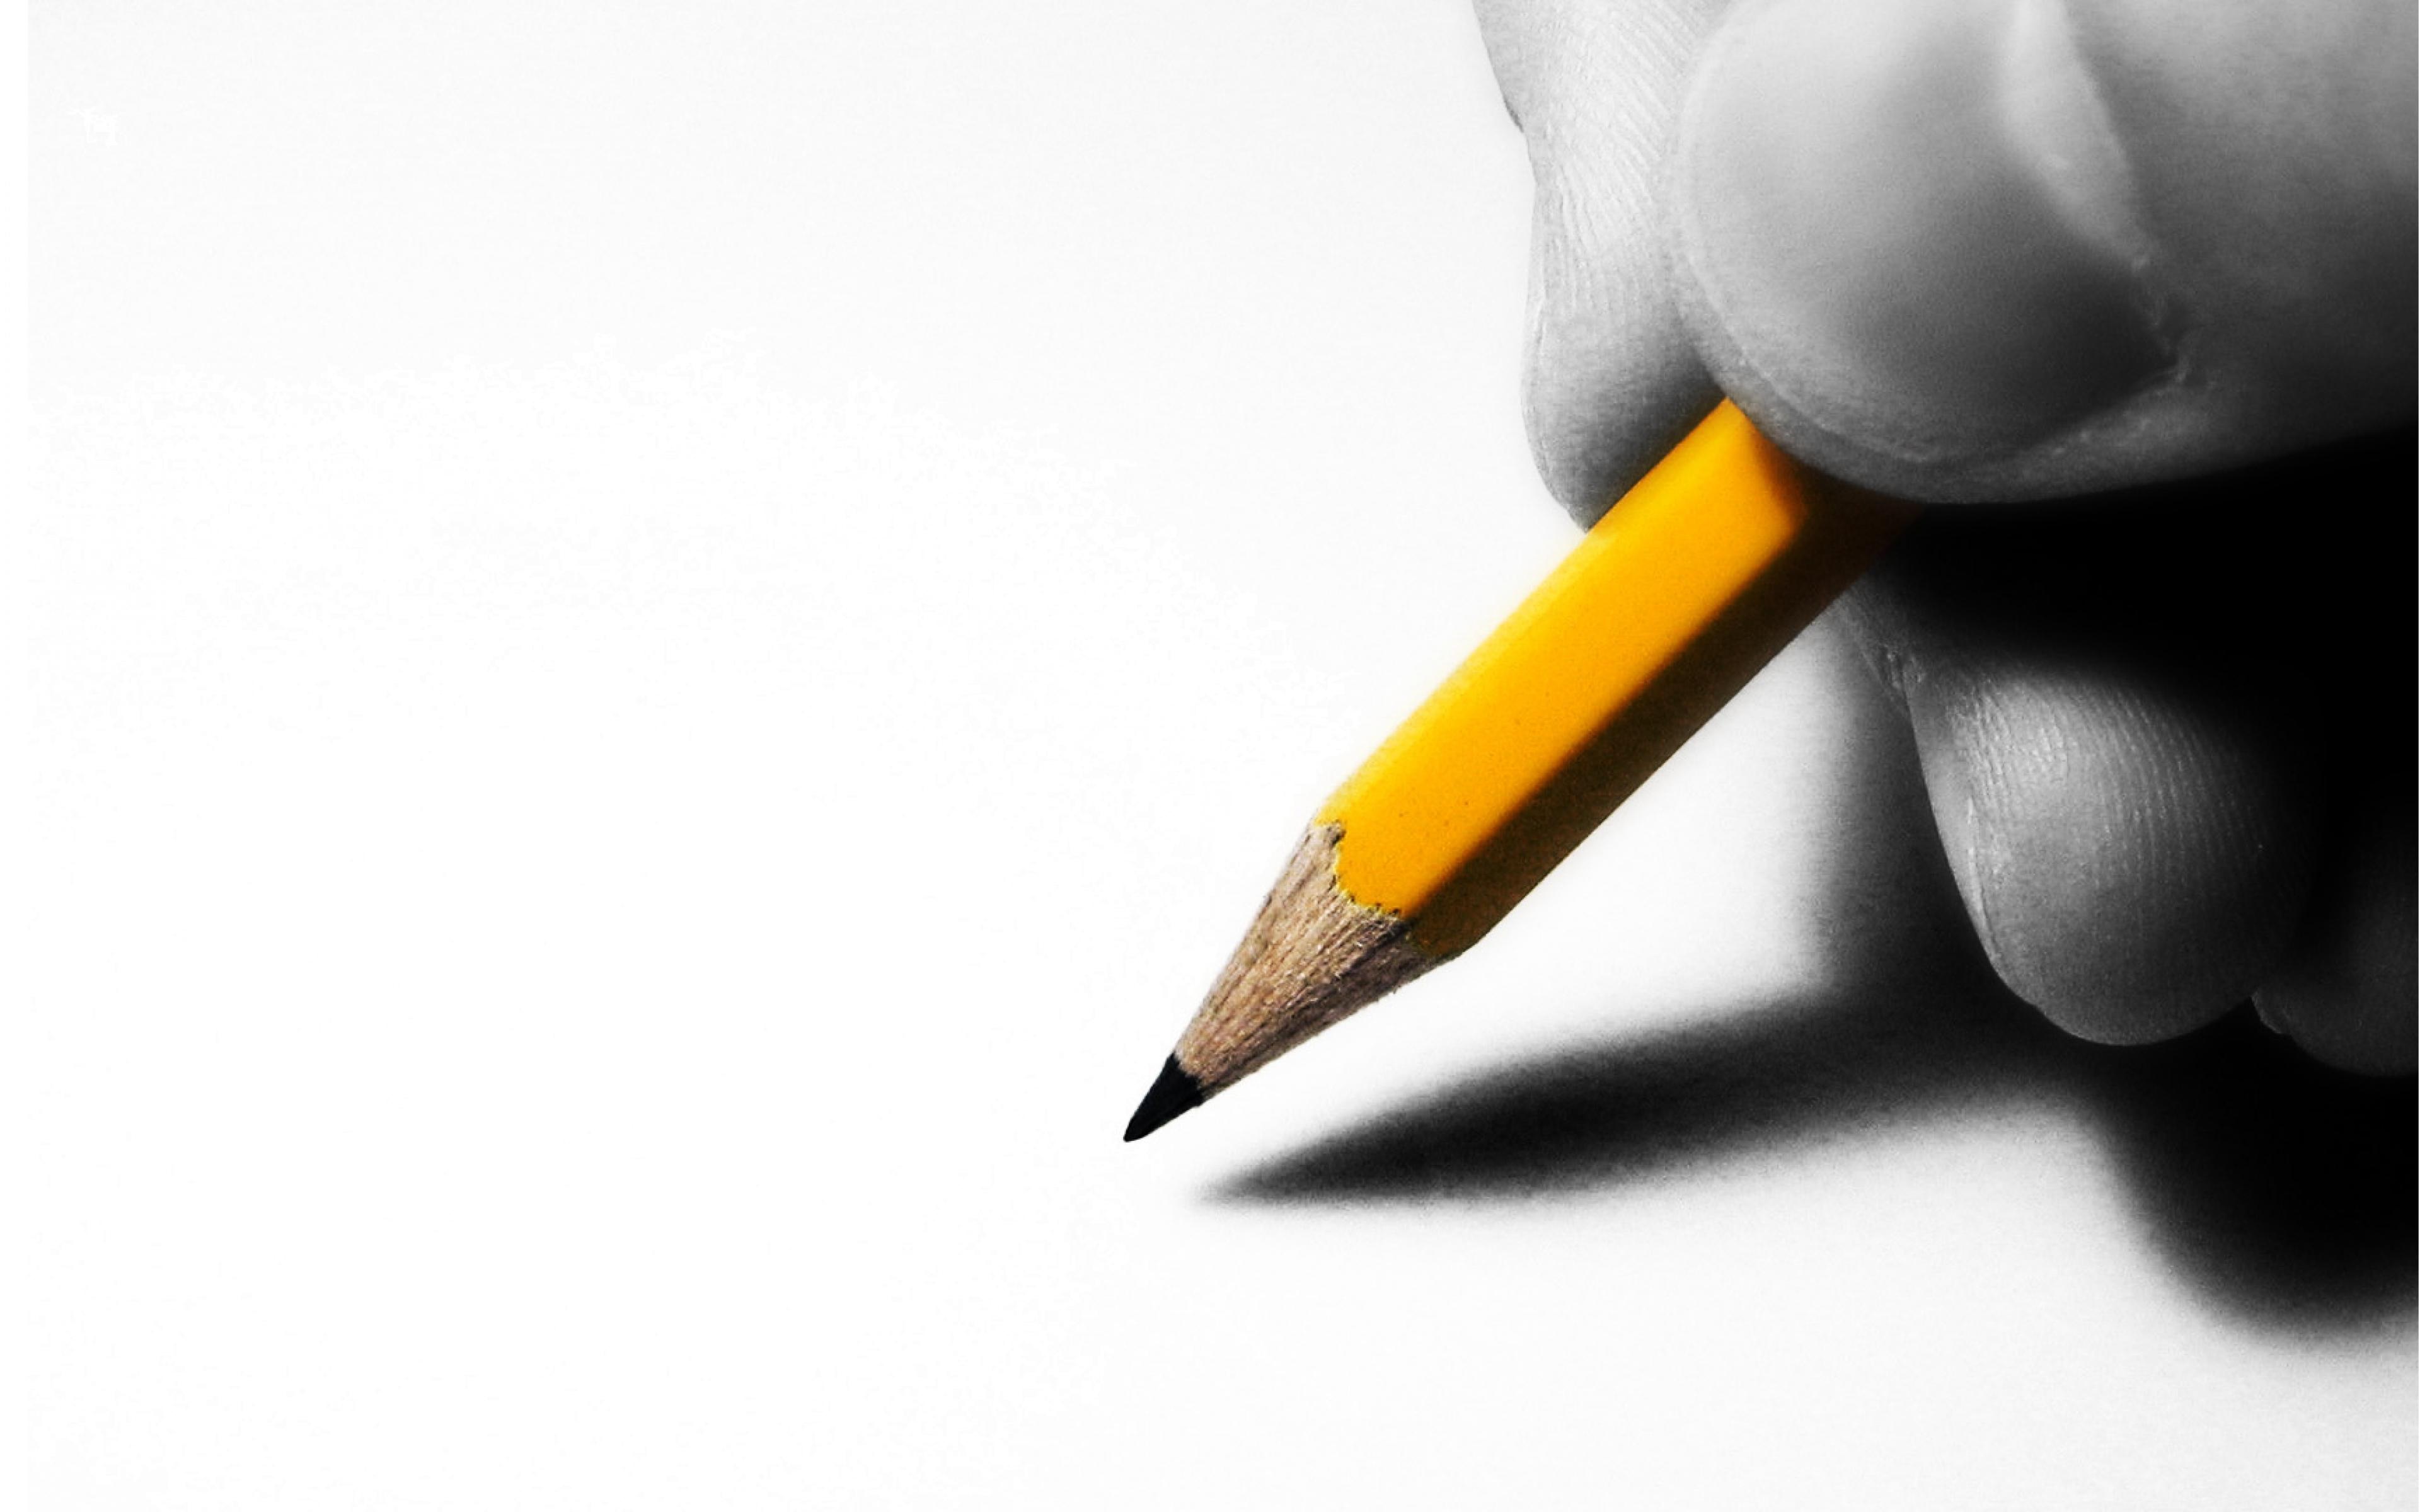 45+ Pencil Sketch Wallpaper on WallpaperSafari